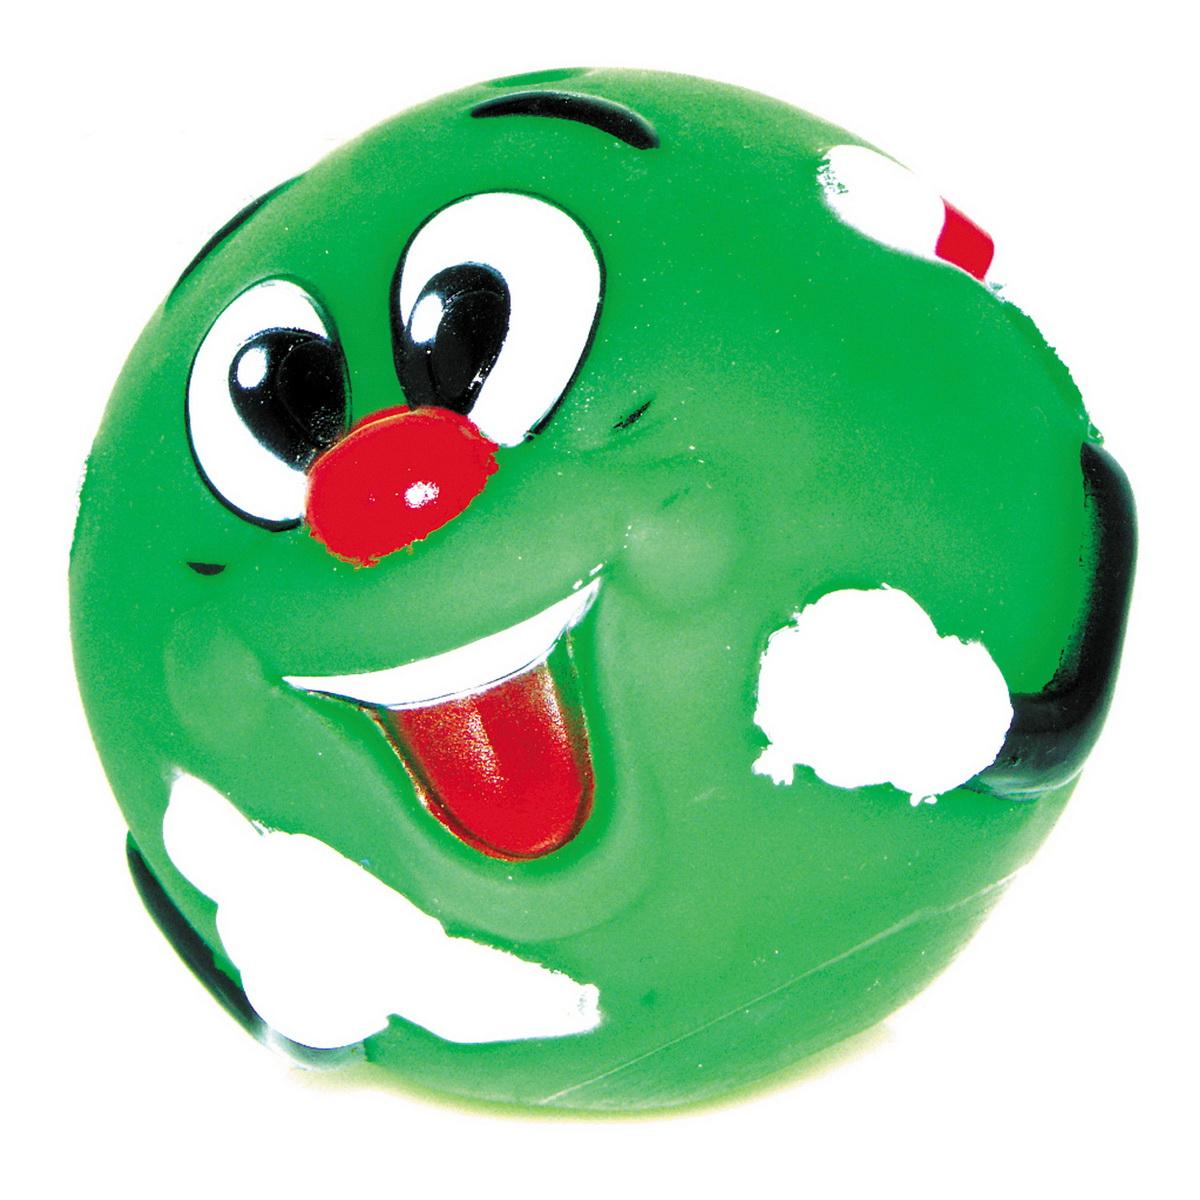 Игрушка для собак Dezzie Мяч. Собачья радость, цвет: зеленый, диаметр 8,5 см. 56040065604006Игрушка для собак Dezzie Мяч. Собачья радость из винила практична, функциональна и совершенно безопасна для здоровья животного. Ее легко мыть и дезинфицировать. Такая игрушка очень легкая, поэтому собаке совсем нетрудно брать ее в пасть и переносить с места на место. Игрушка из винила станет прекрасным подарком для неугомонного четвероногого питомца.Диаметр мяча: 8,5 см.